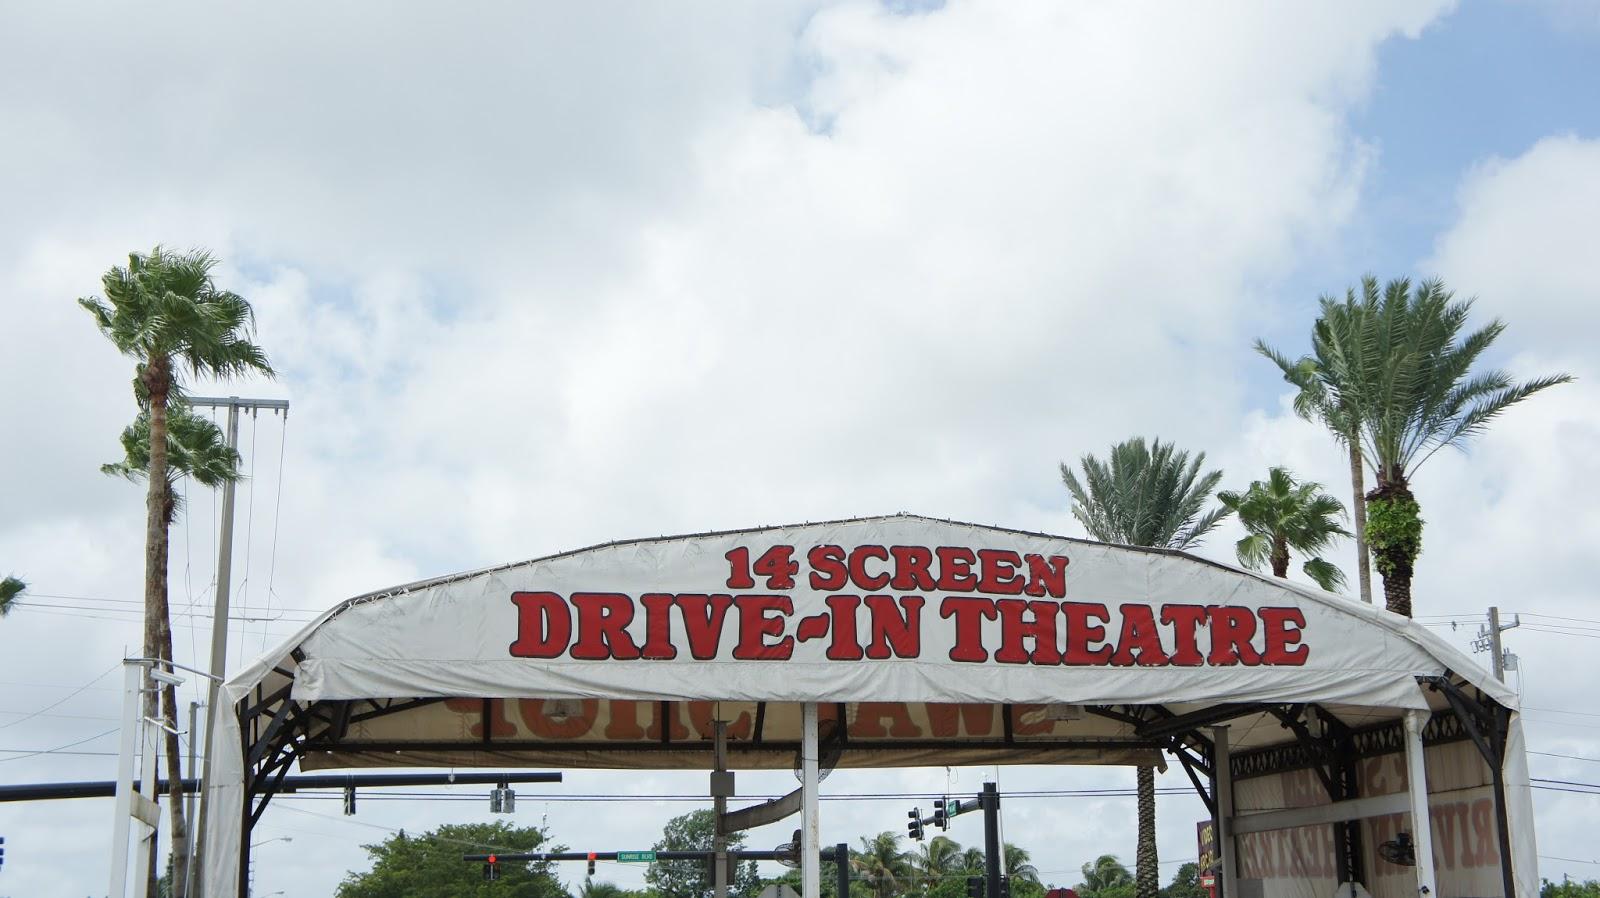 De moolenschotjes in florida 2013 fort lauderdale hugh for Drive in bioscoop